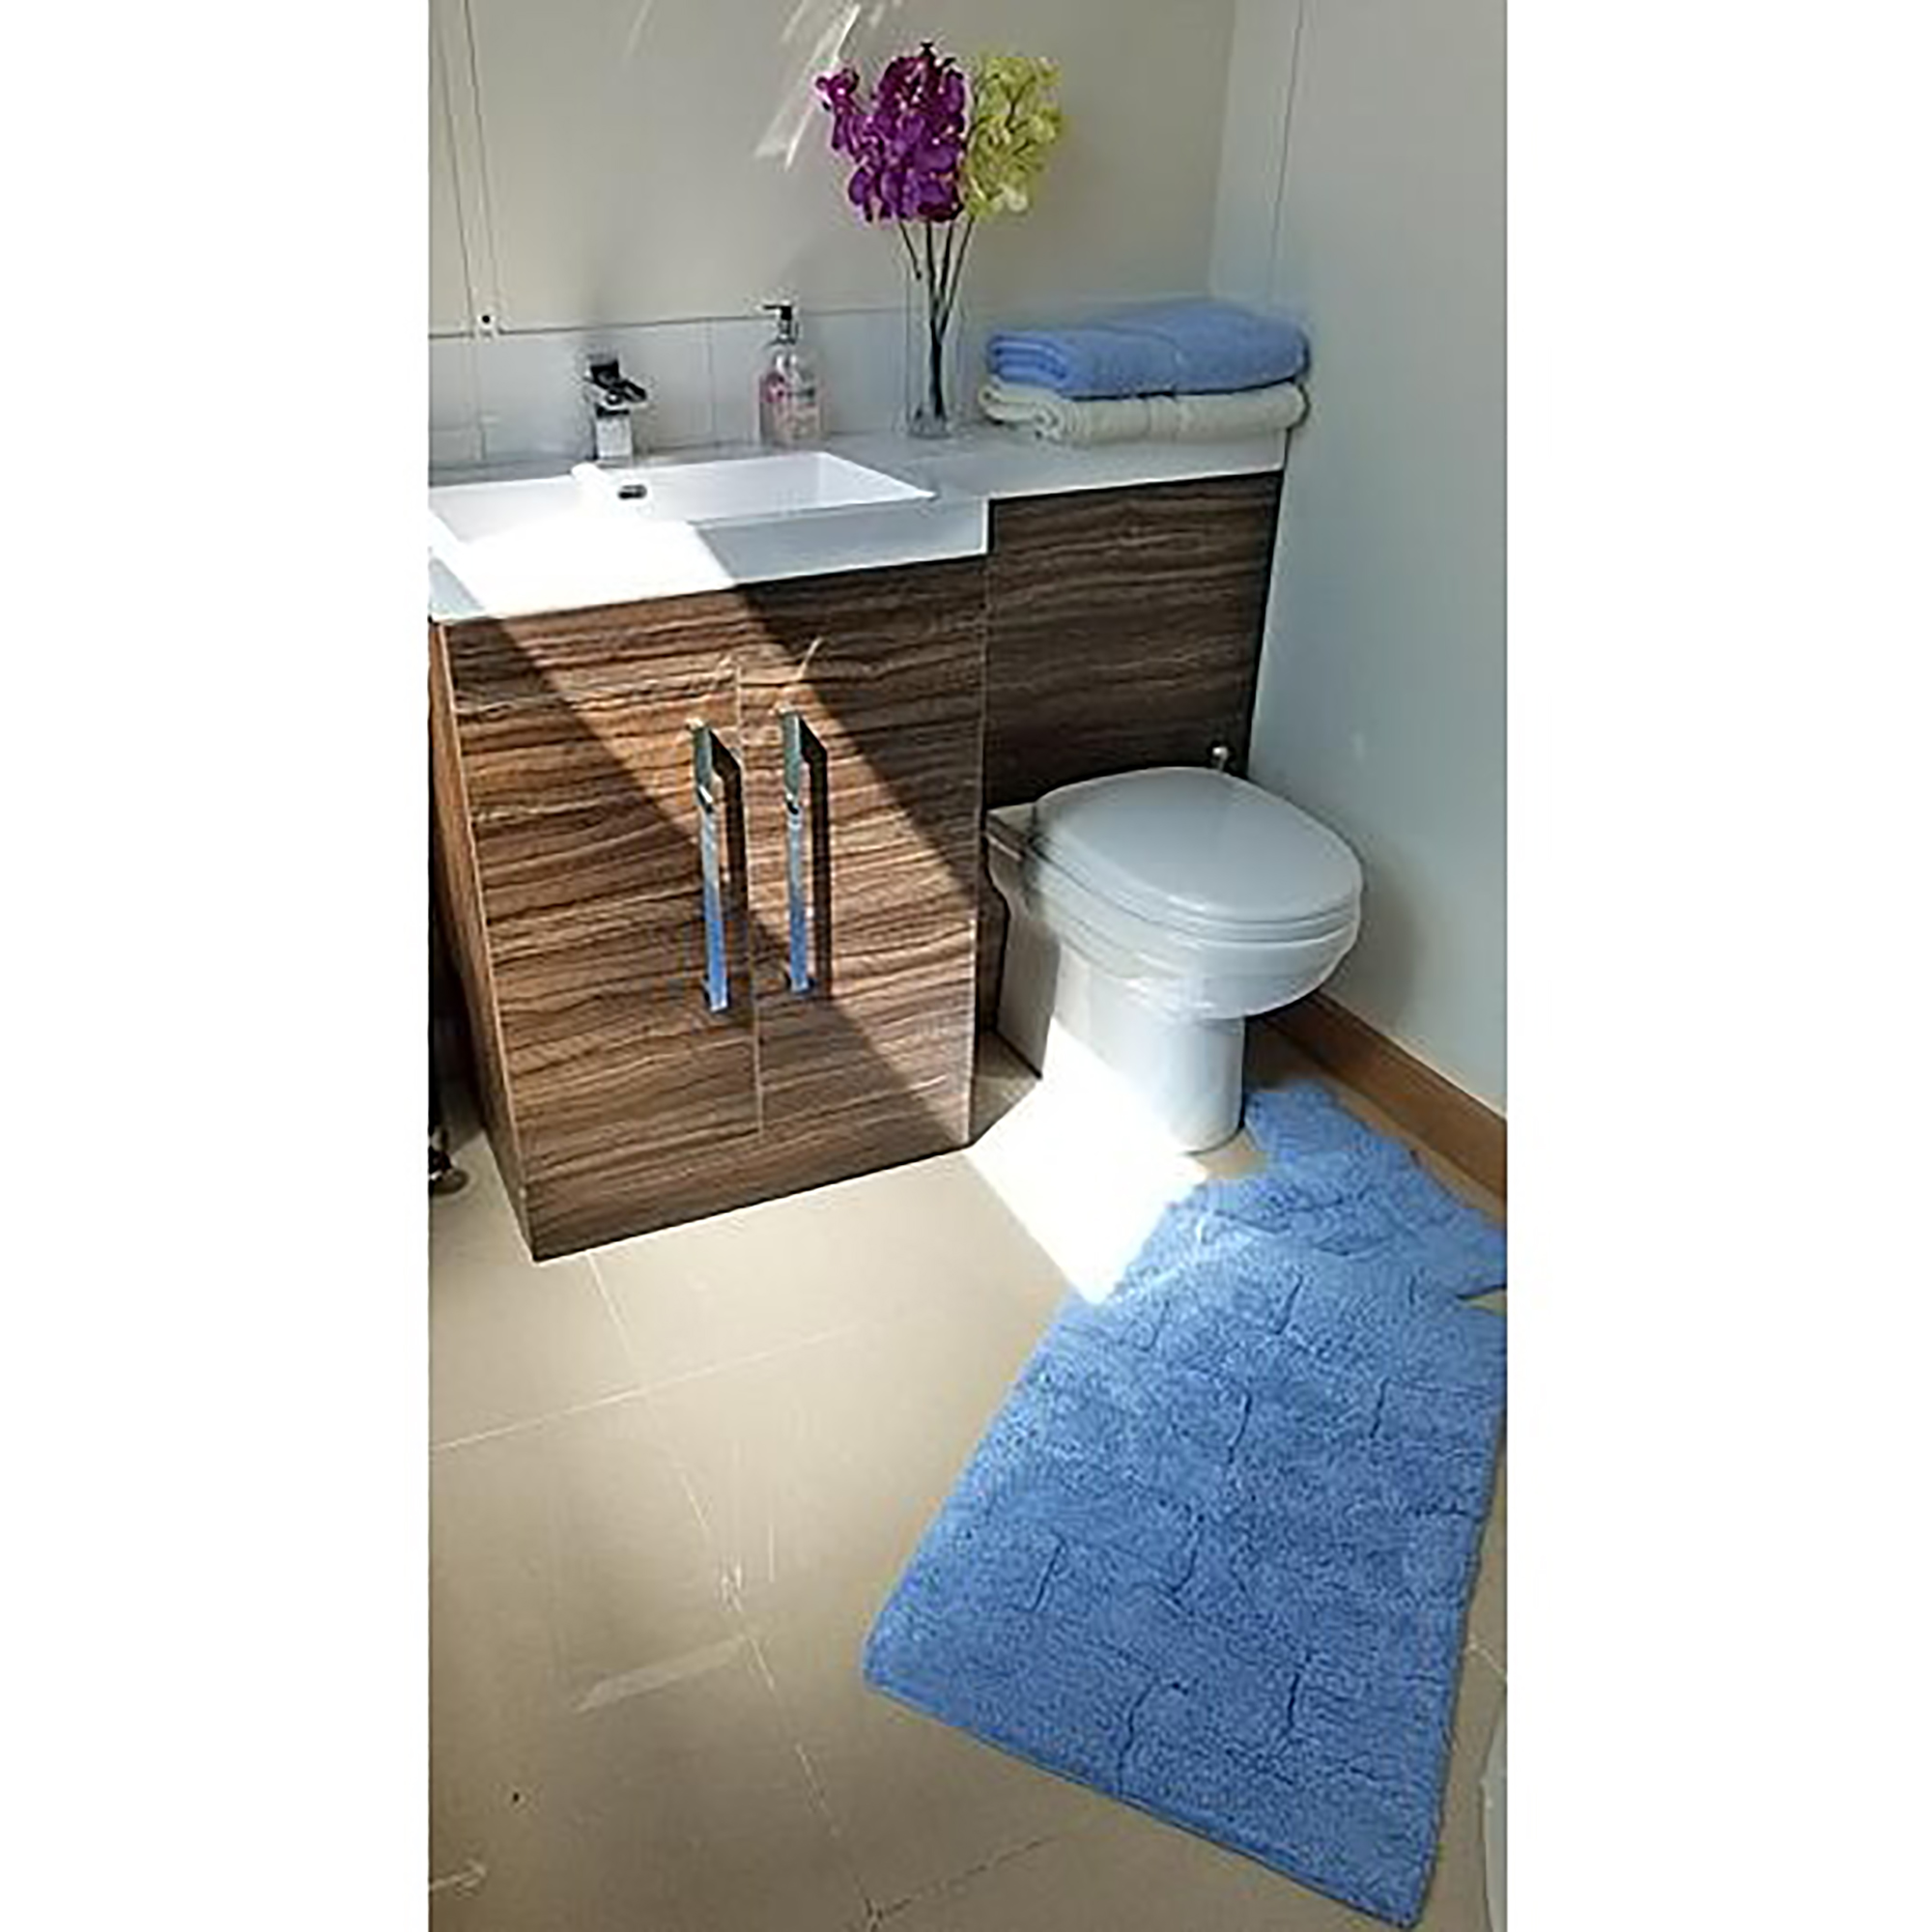 Tappeti bagno su misura 28 images tappeto per cucina o - Tappeti bagno su misura ...